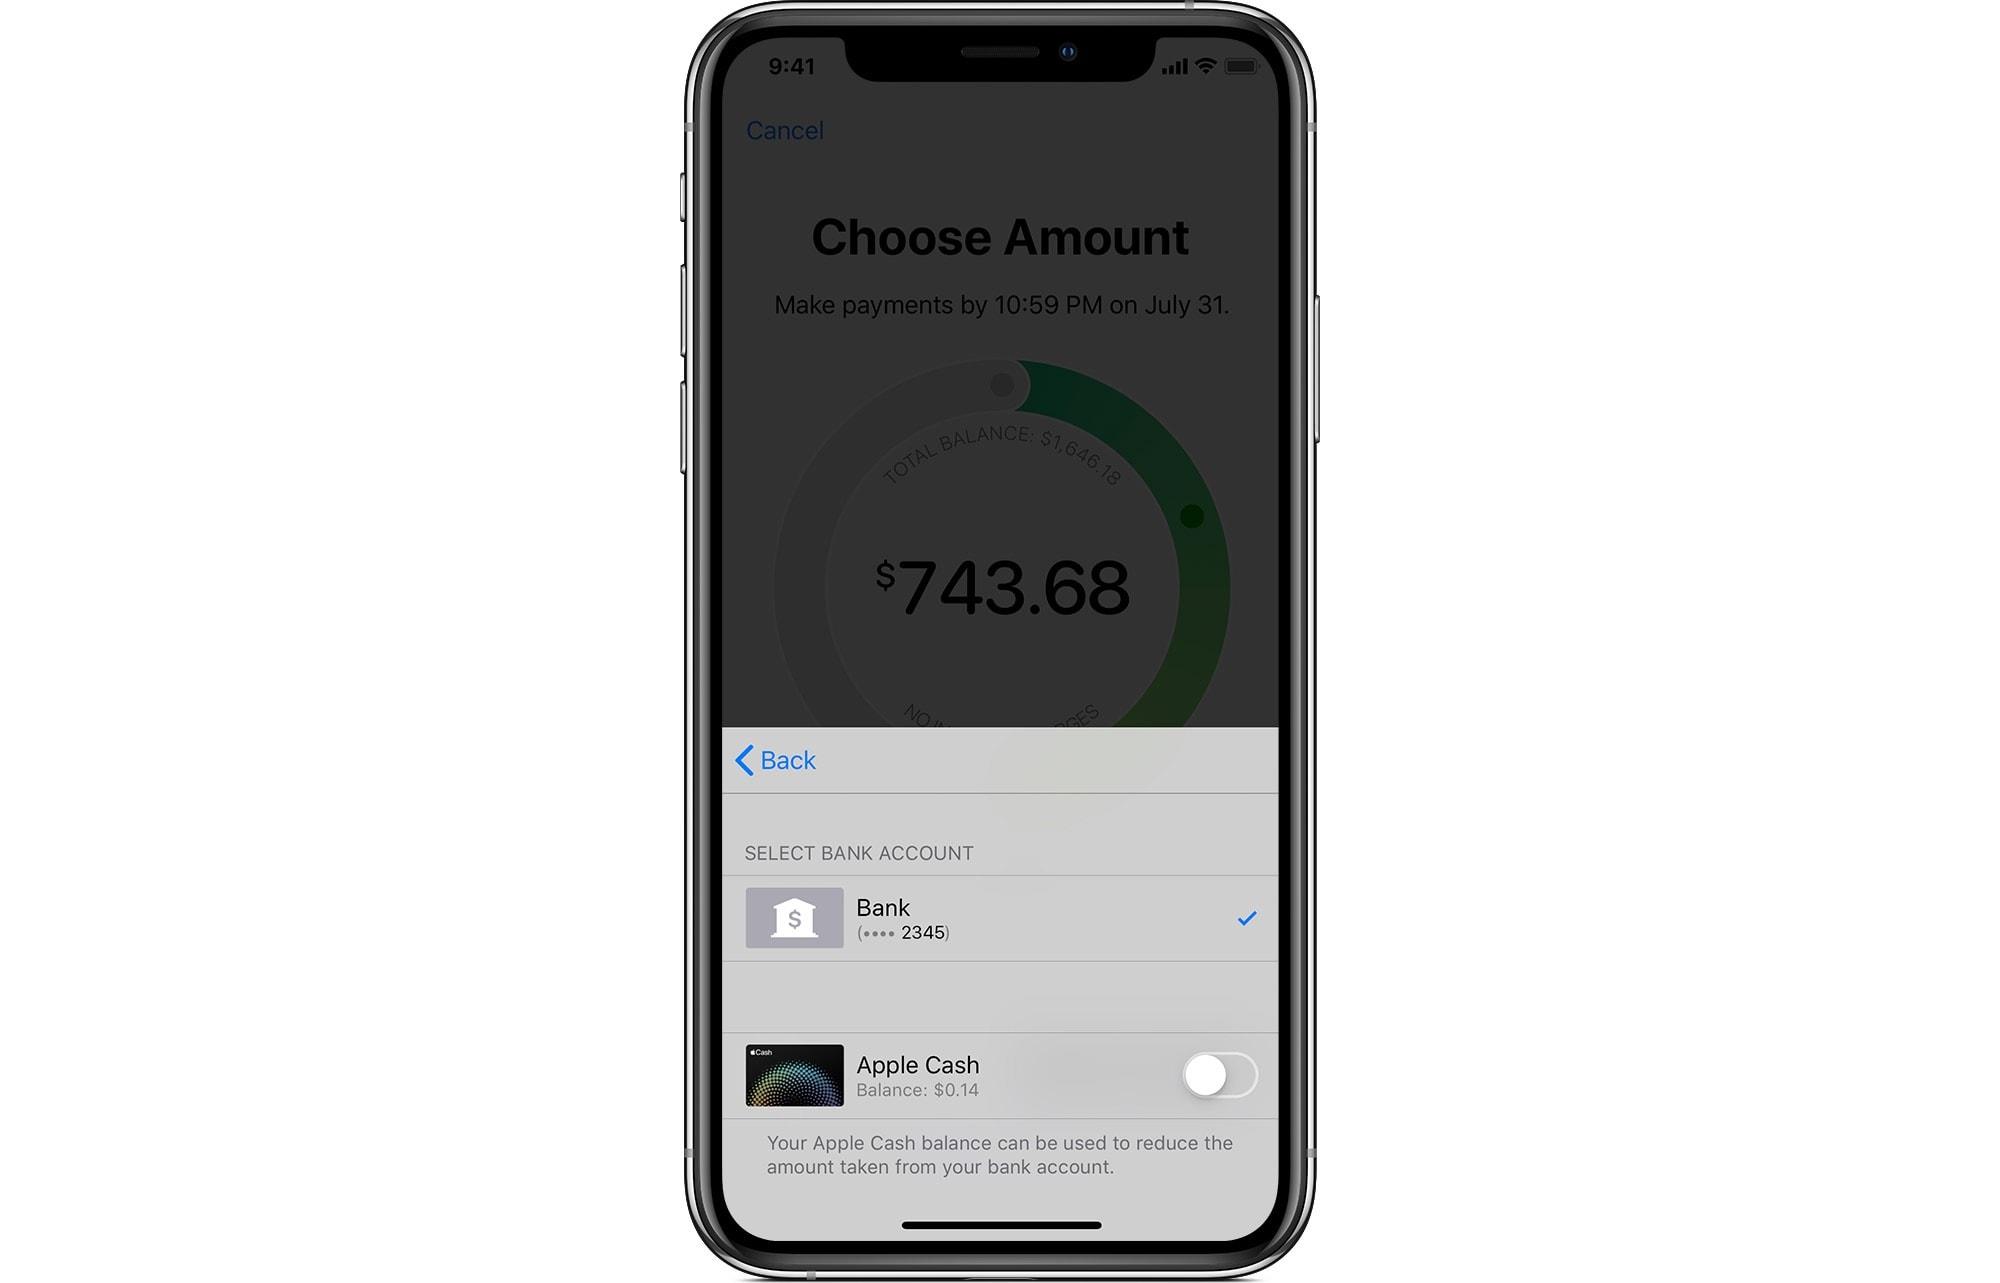 Puede usar su saldo de Apple Cash para pagar el saldo de su tarjeta de crédito.